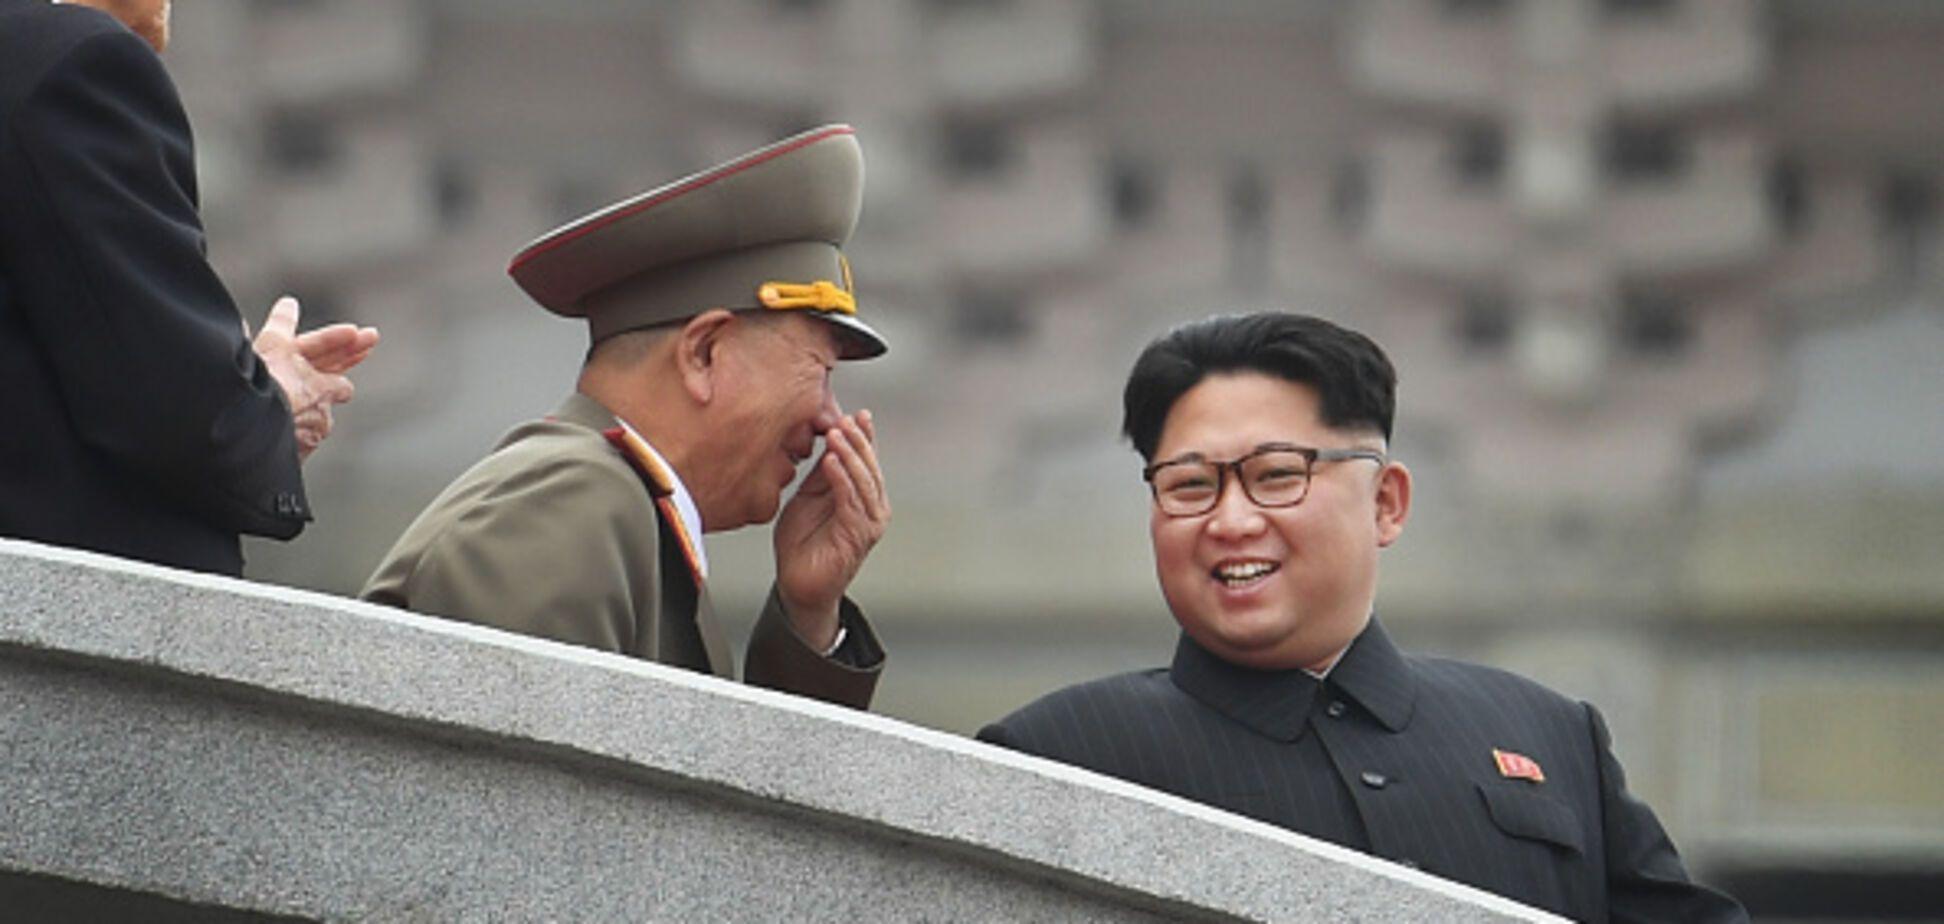 Вопреки ООН: в КНДР заявили о продолжении ракетных запусков